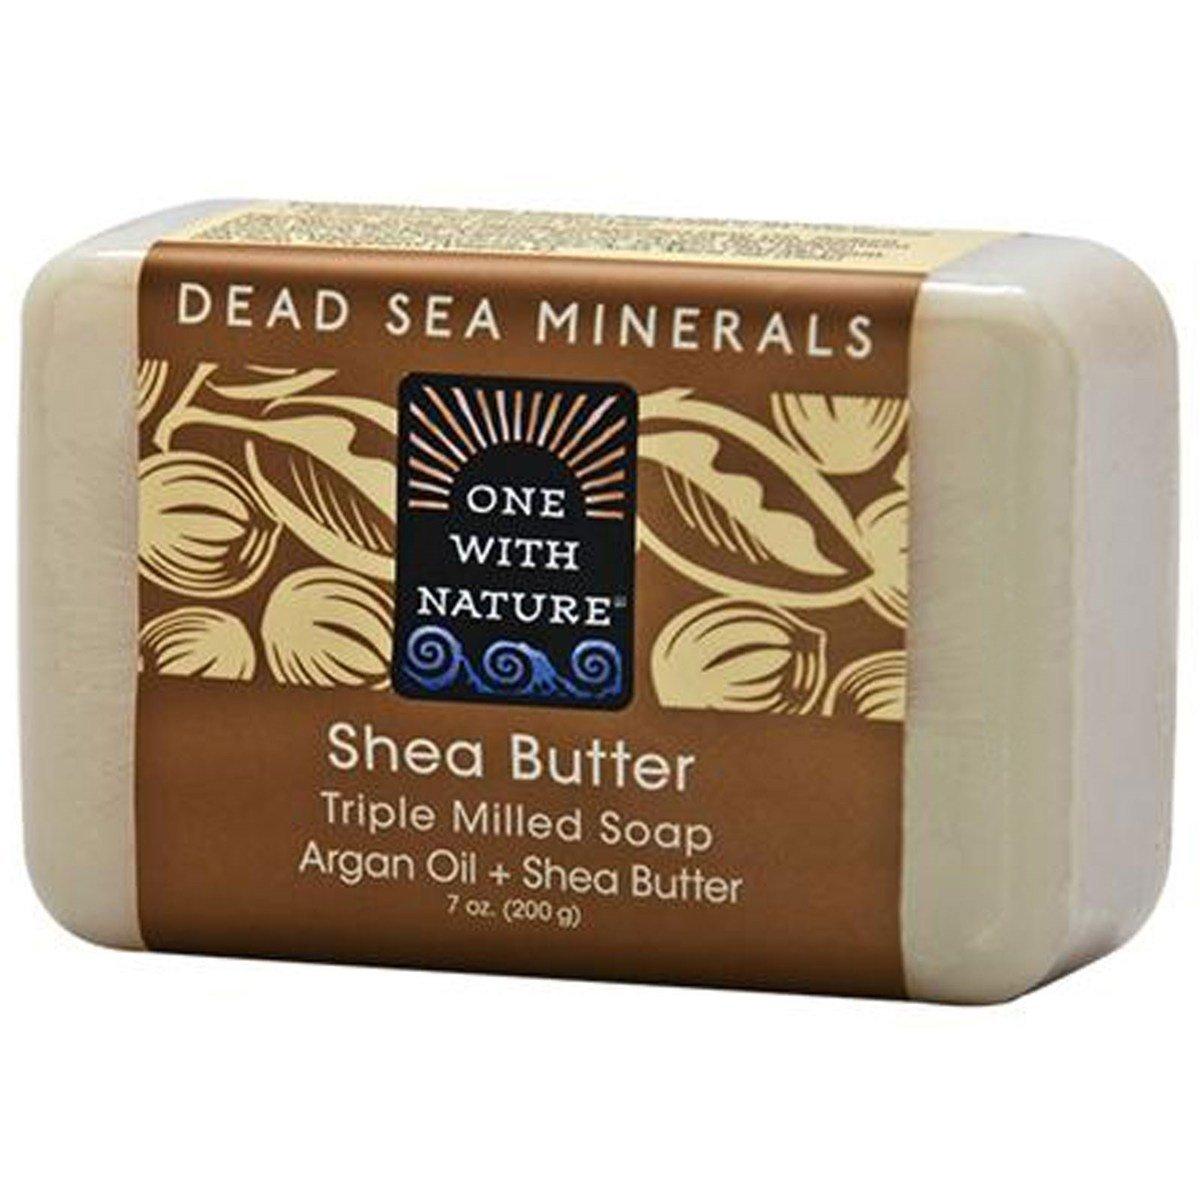 死海礦物乳木果油香皂